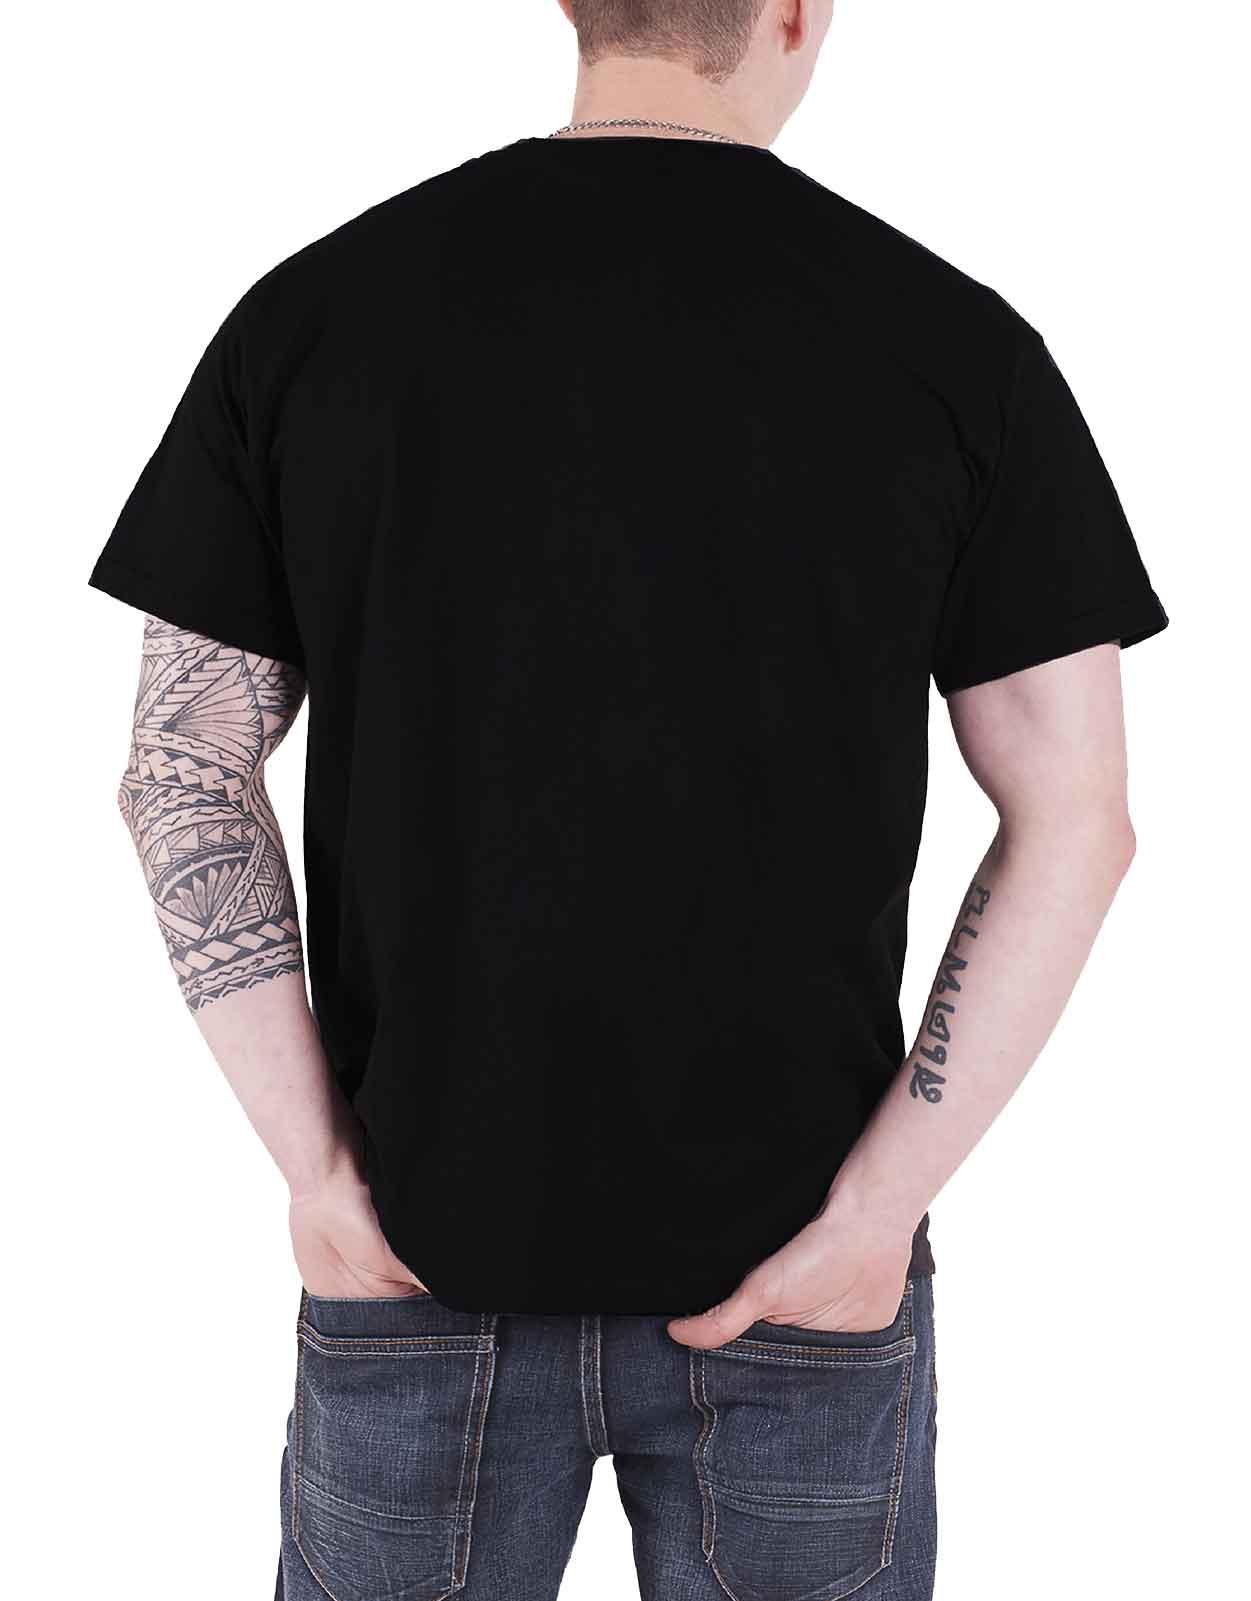 Motorhead-T-Shirt-Lemmy-RIP-England-warpig-clean-your-clock-official-new-mens miniature 81